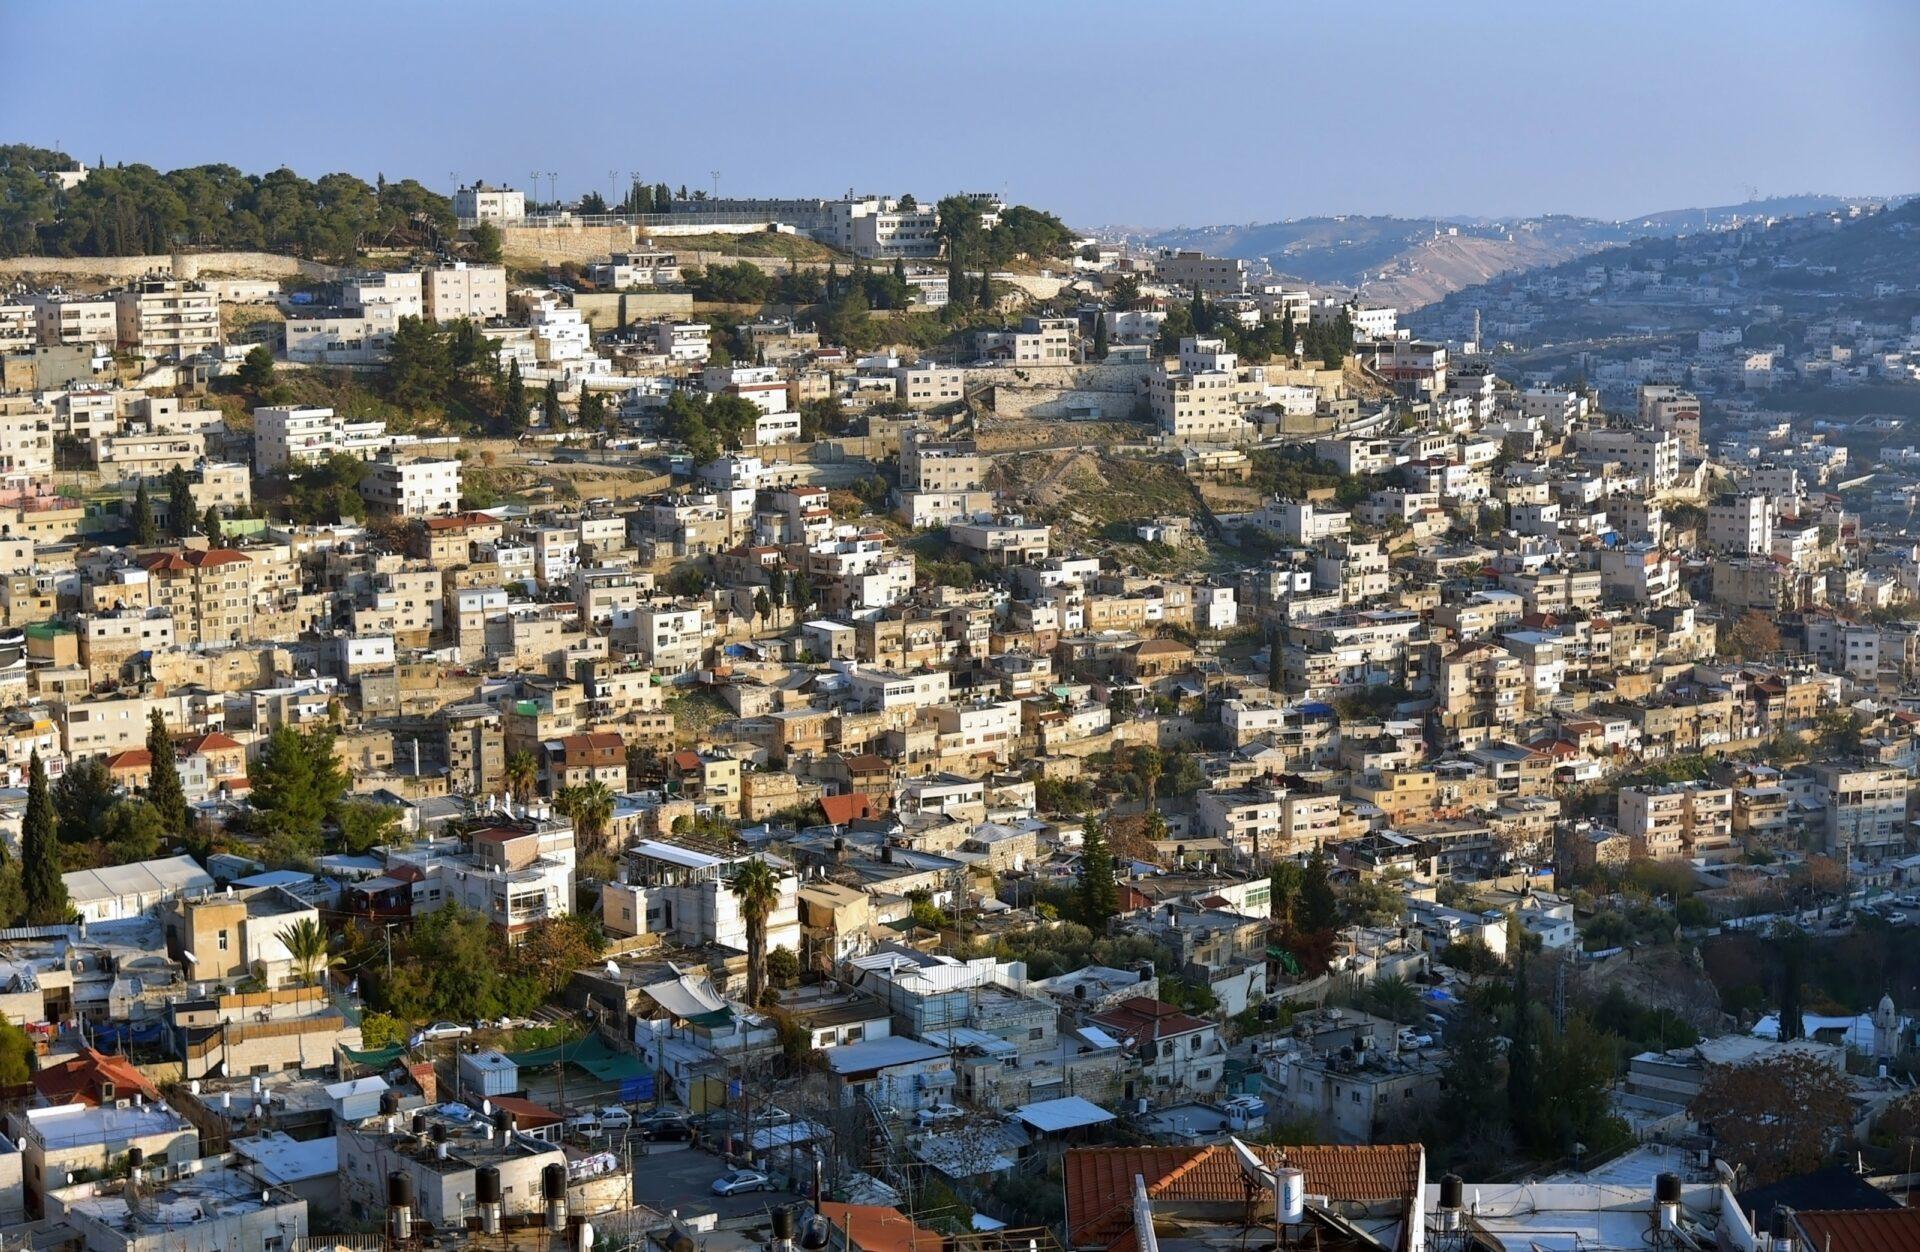 Иерусалим: Город наСвятой земле